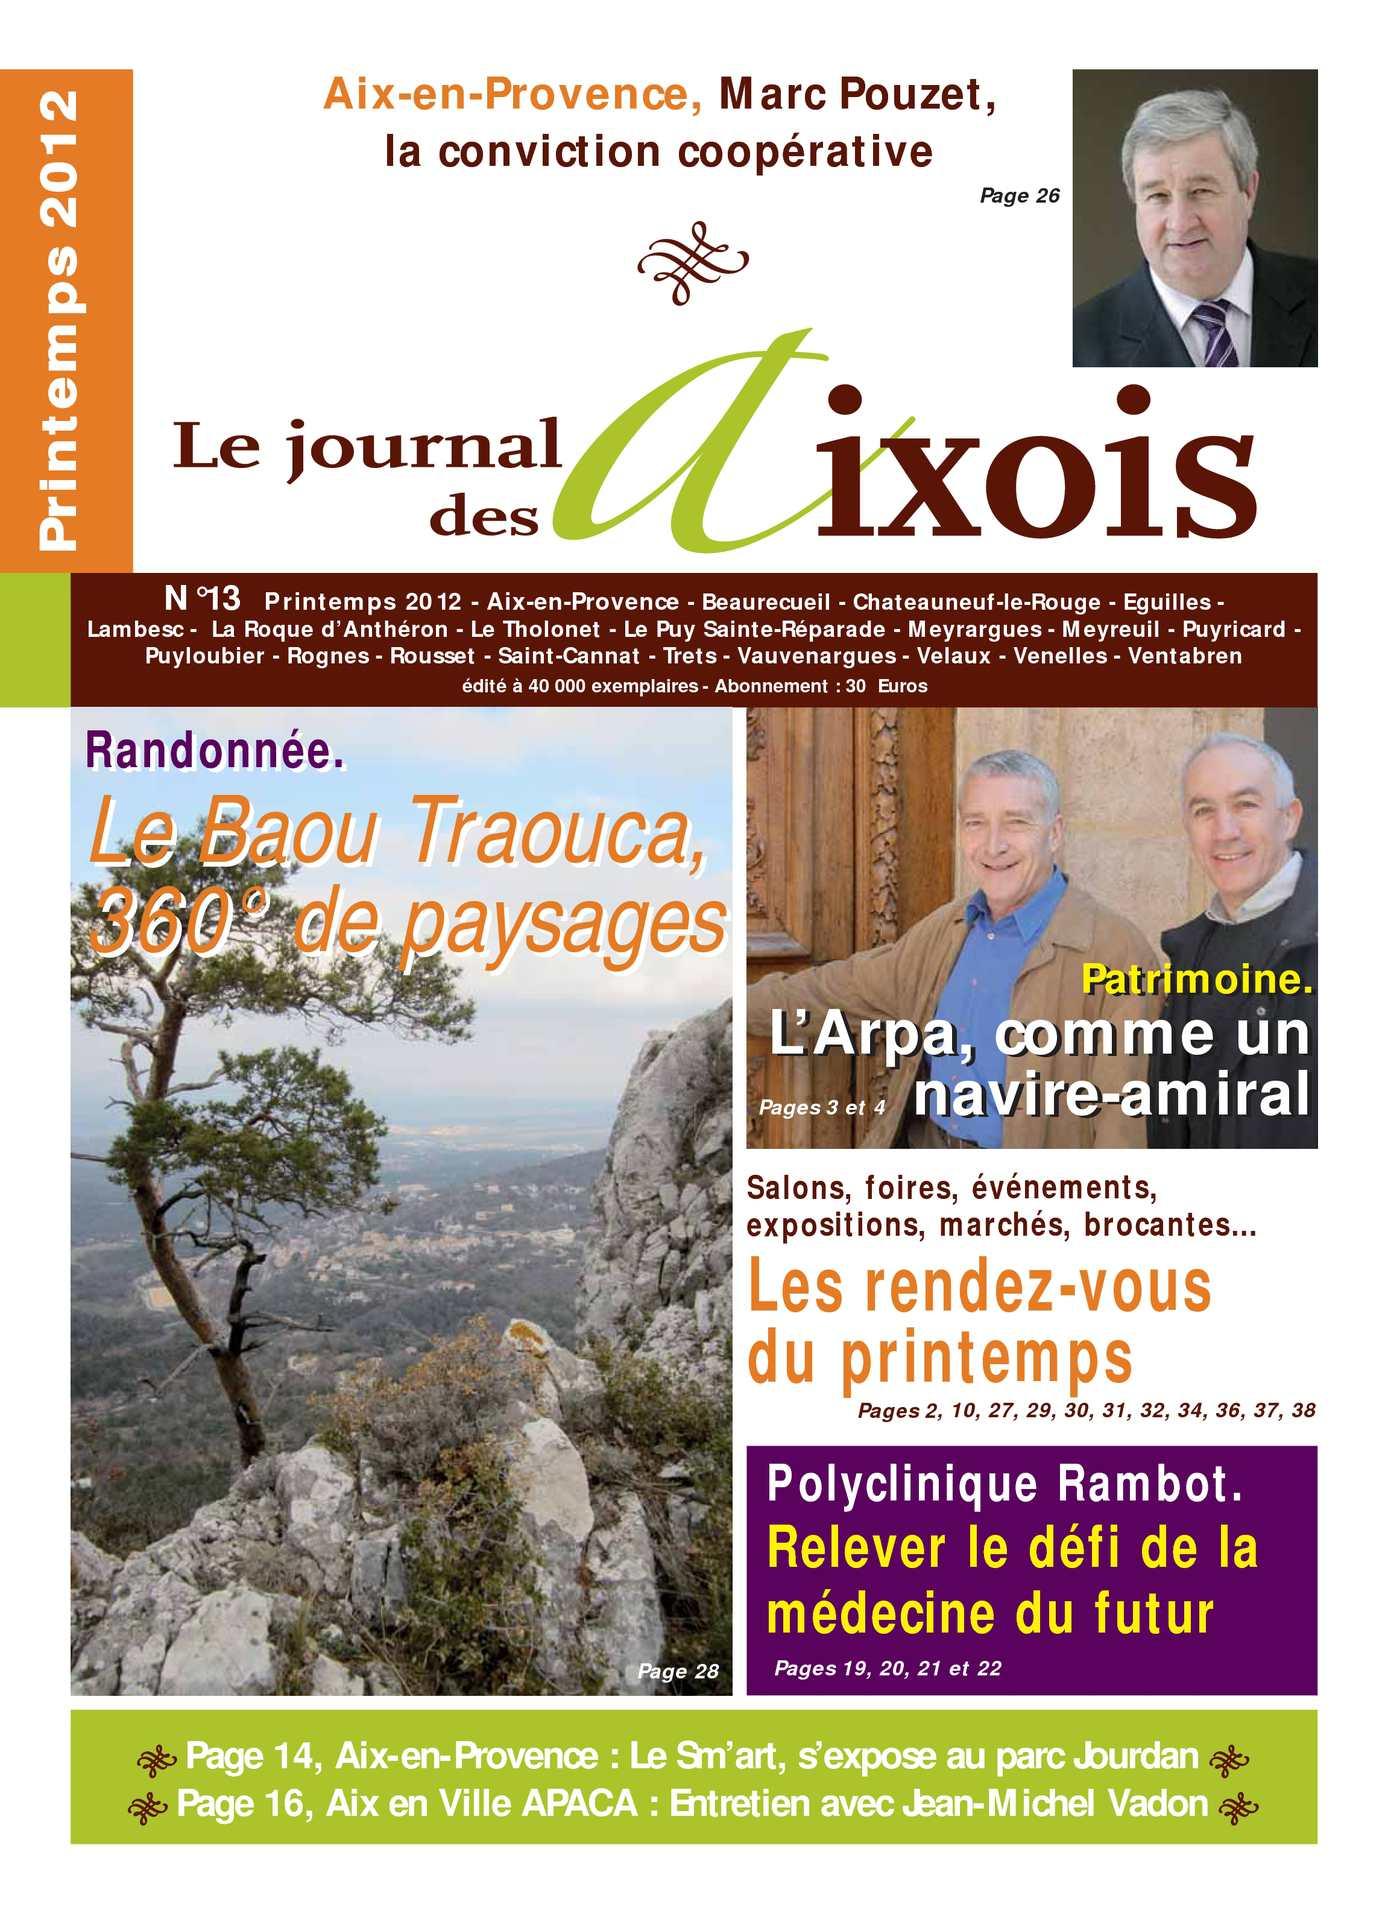 7e37bba17d6f4d Calaméo - journal des aixois - printemps 2012